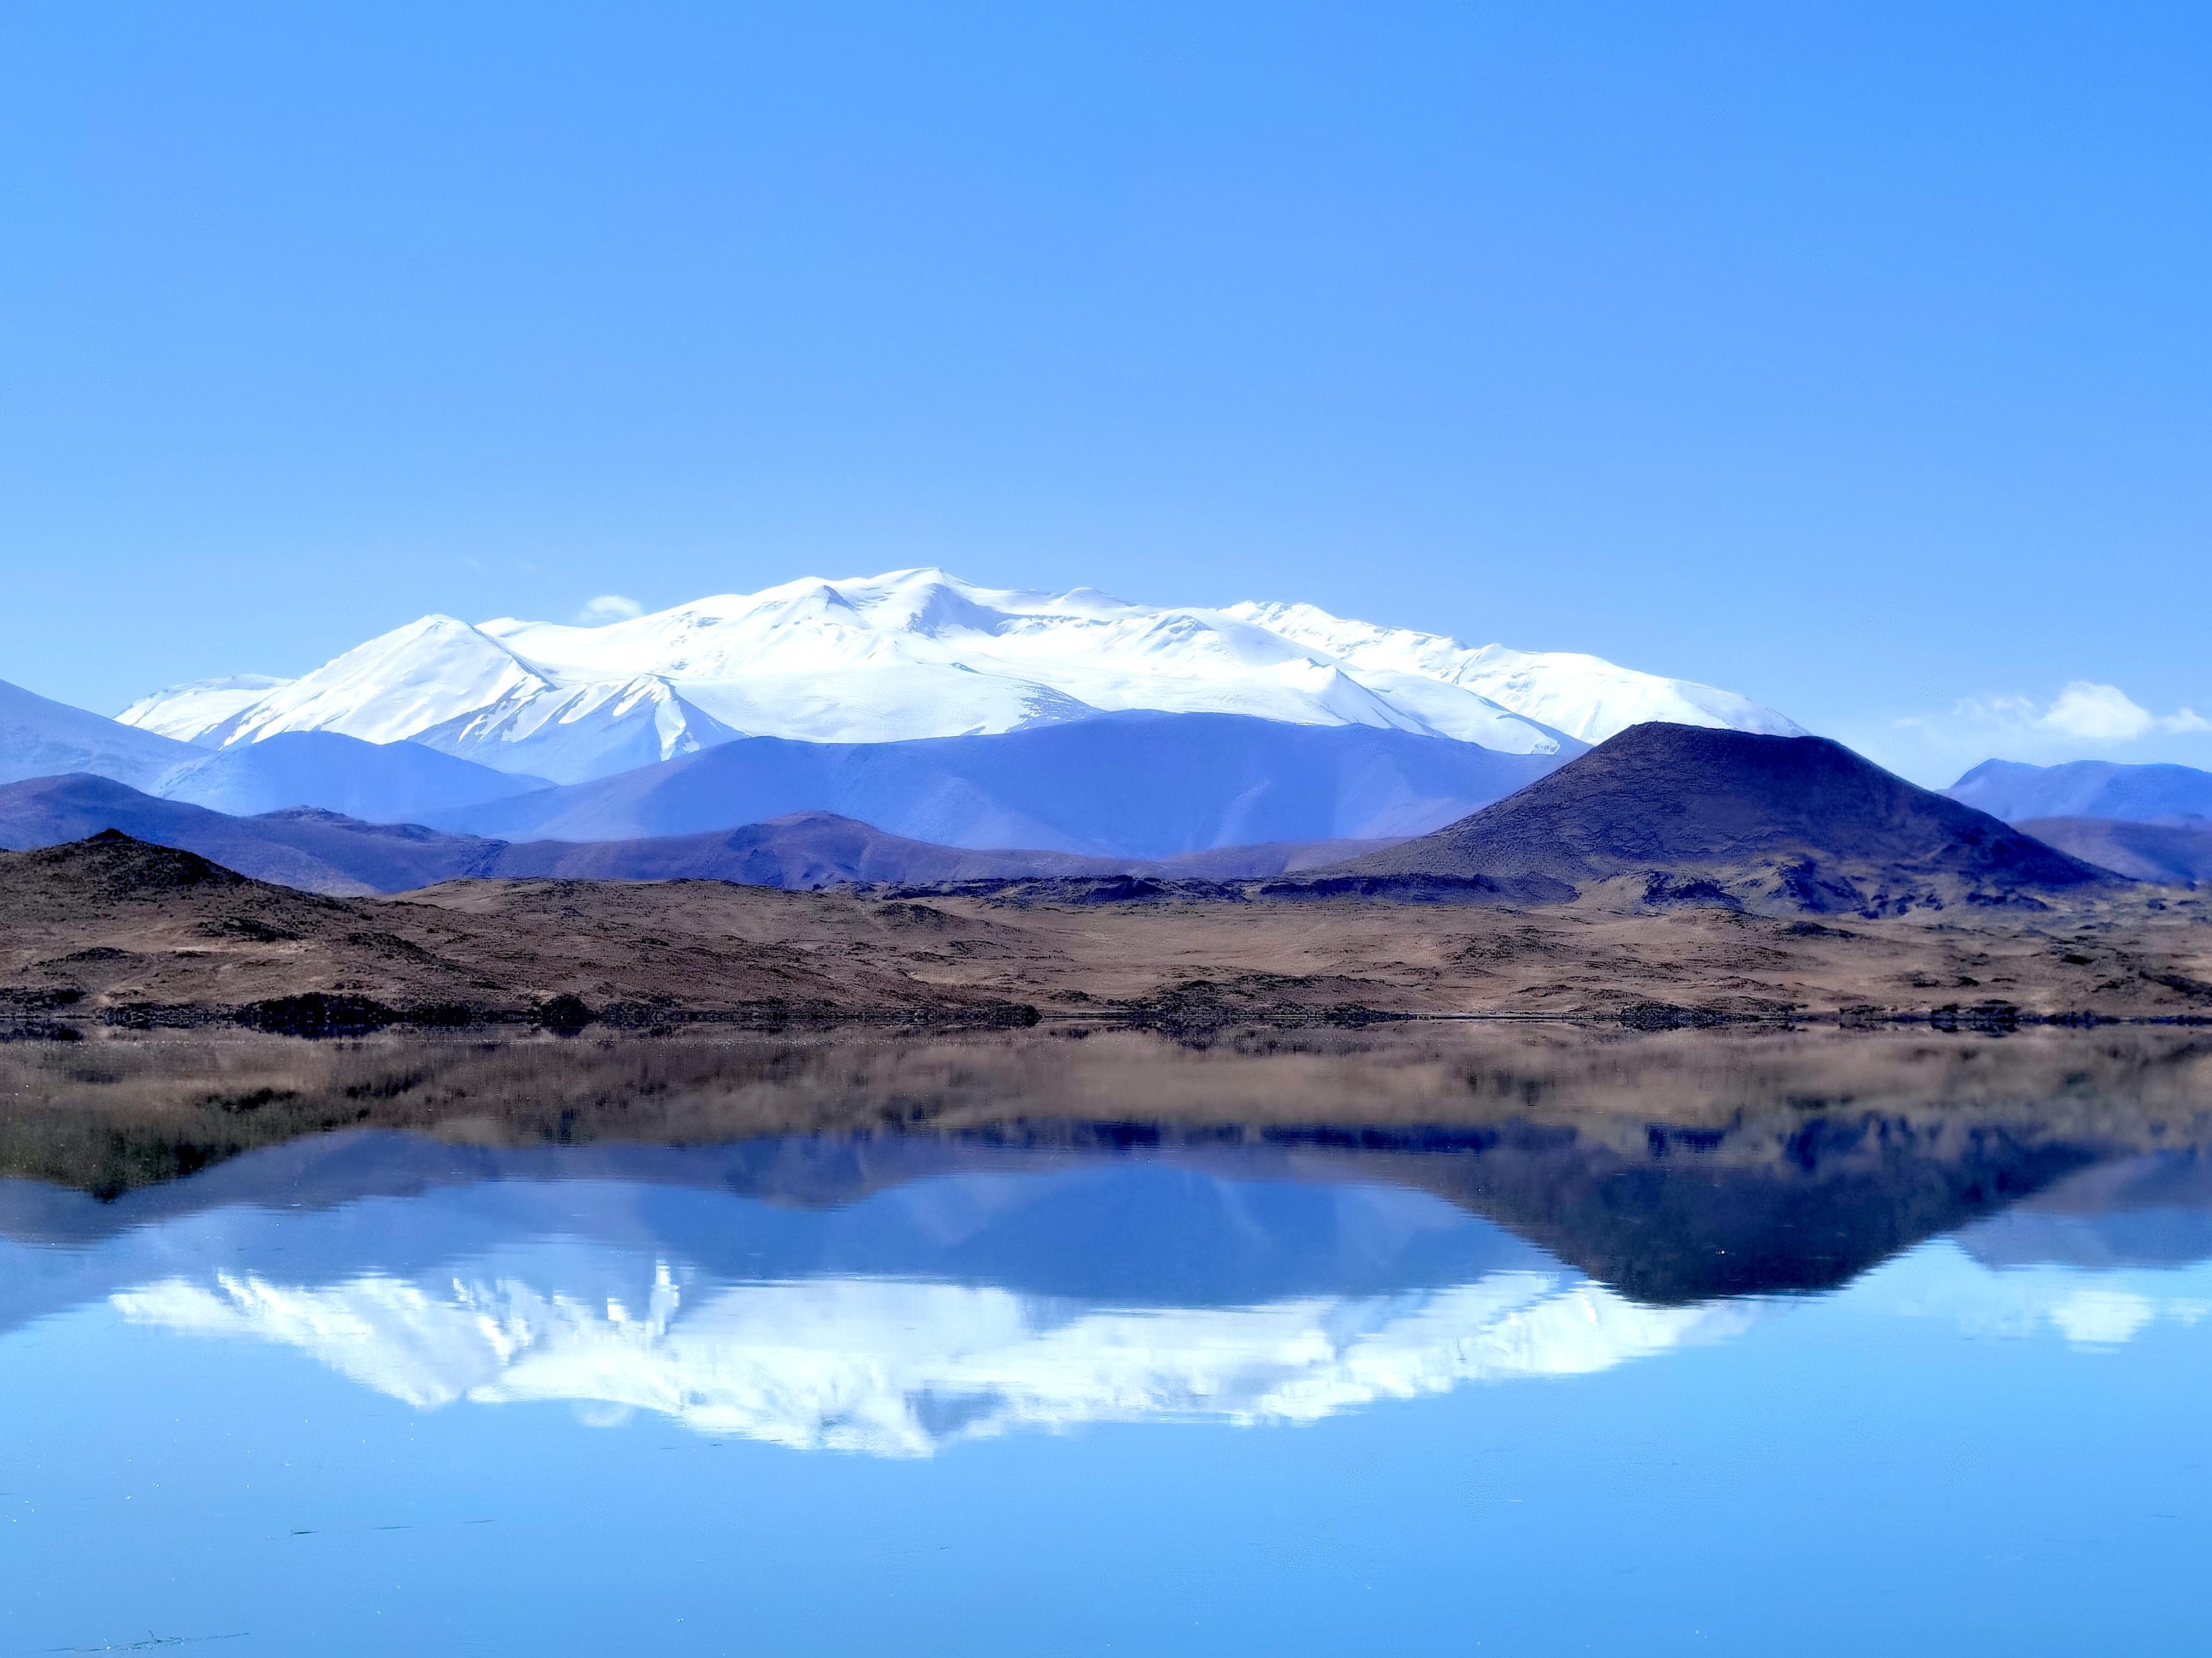 【克里雅】新疆普鲁村 到 西藏松西村,花粉随手拍-花粉俱乐部